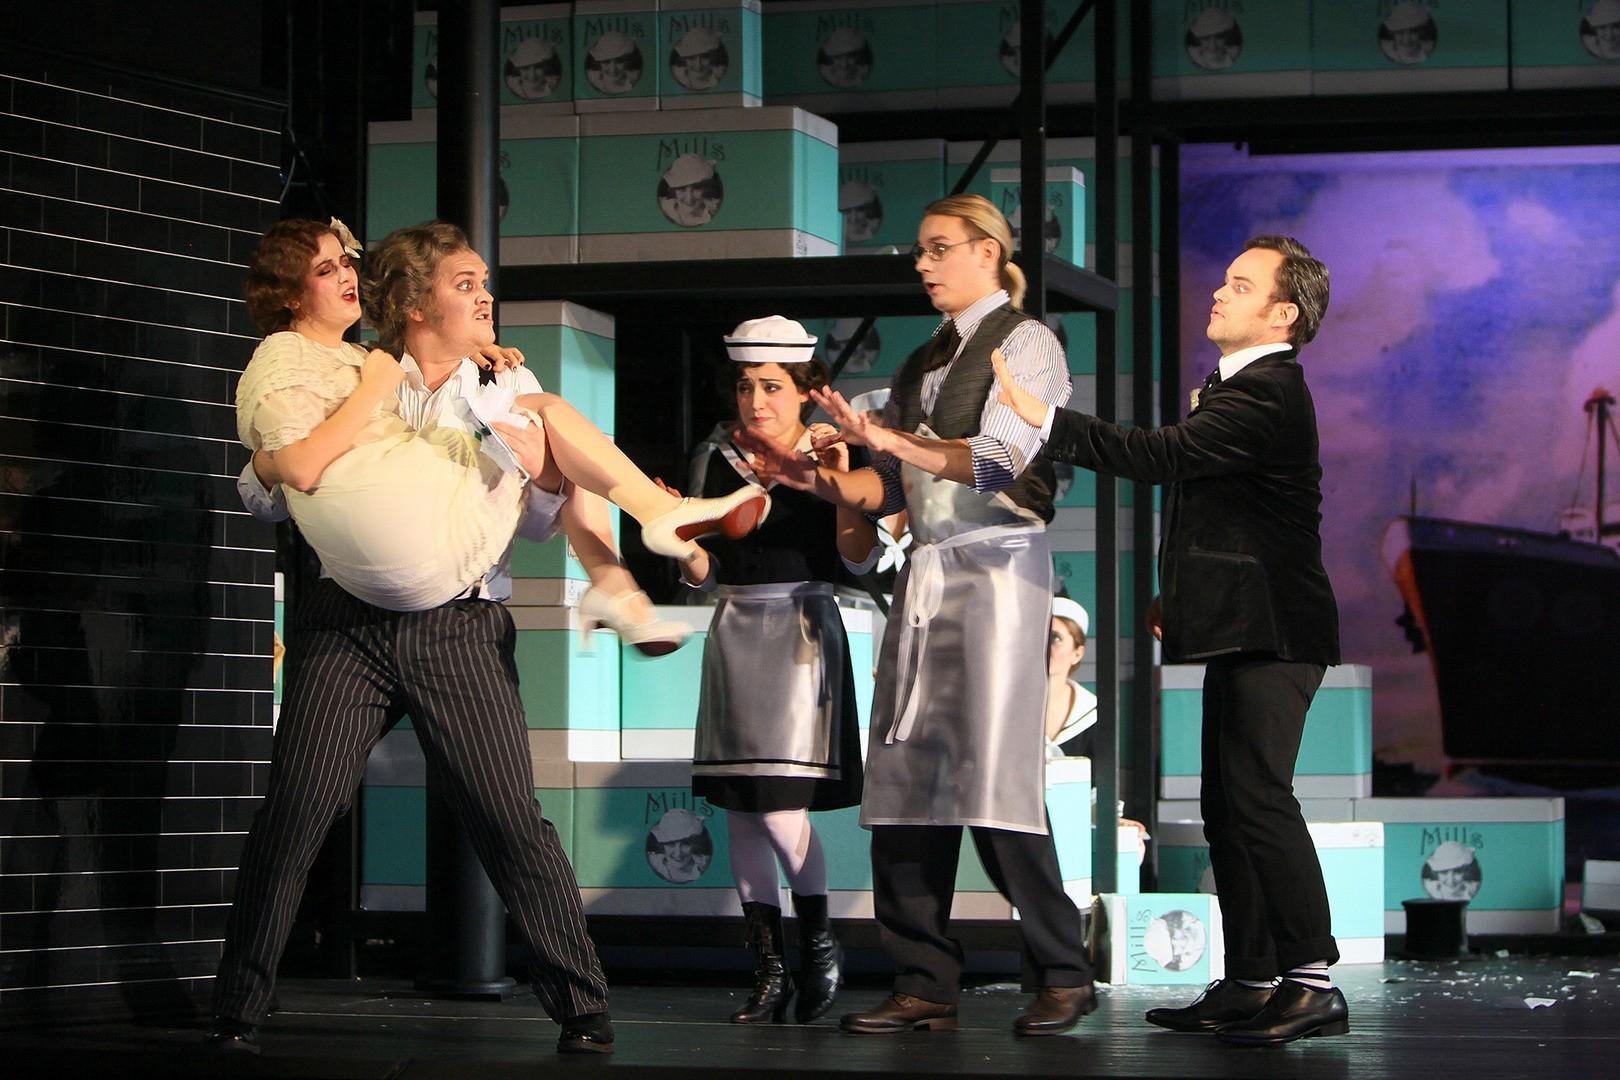 Cambiale-di-matrimonio-Opera-directed-by-Jacopo-Spirei-12